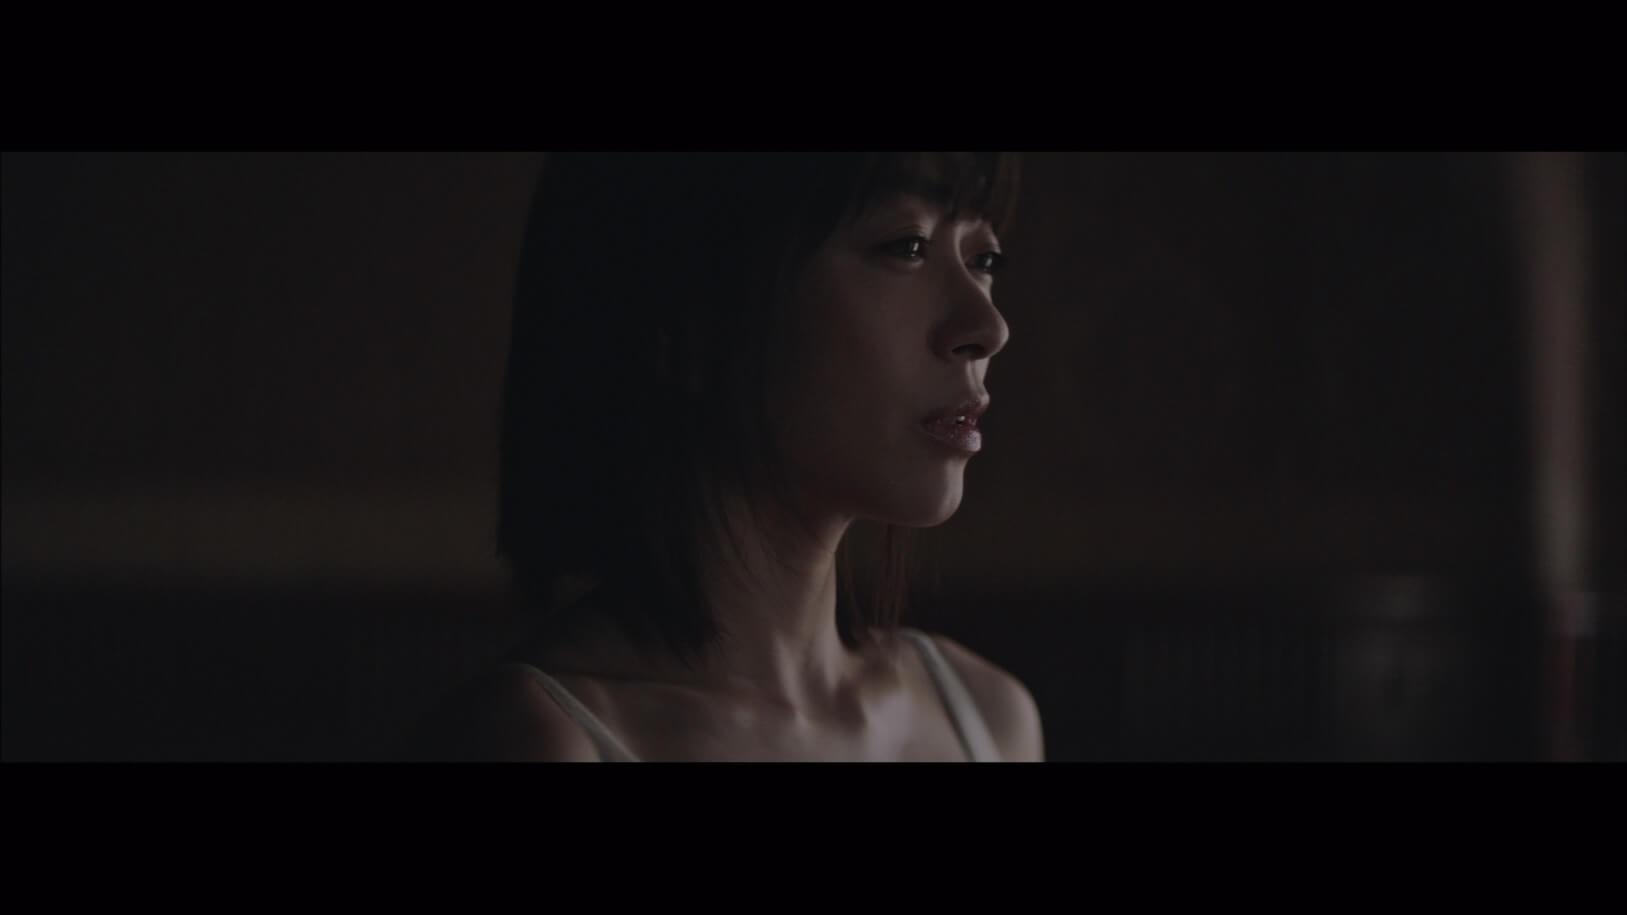 宇多田光新歌「初戀」上架!MV同步公開 宇多田光、